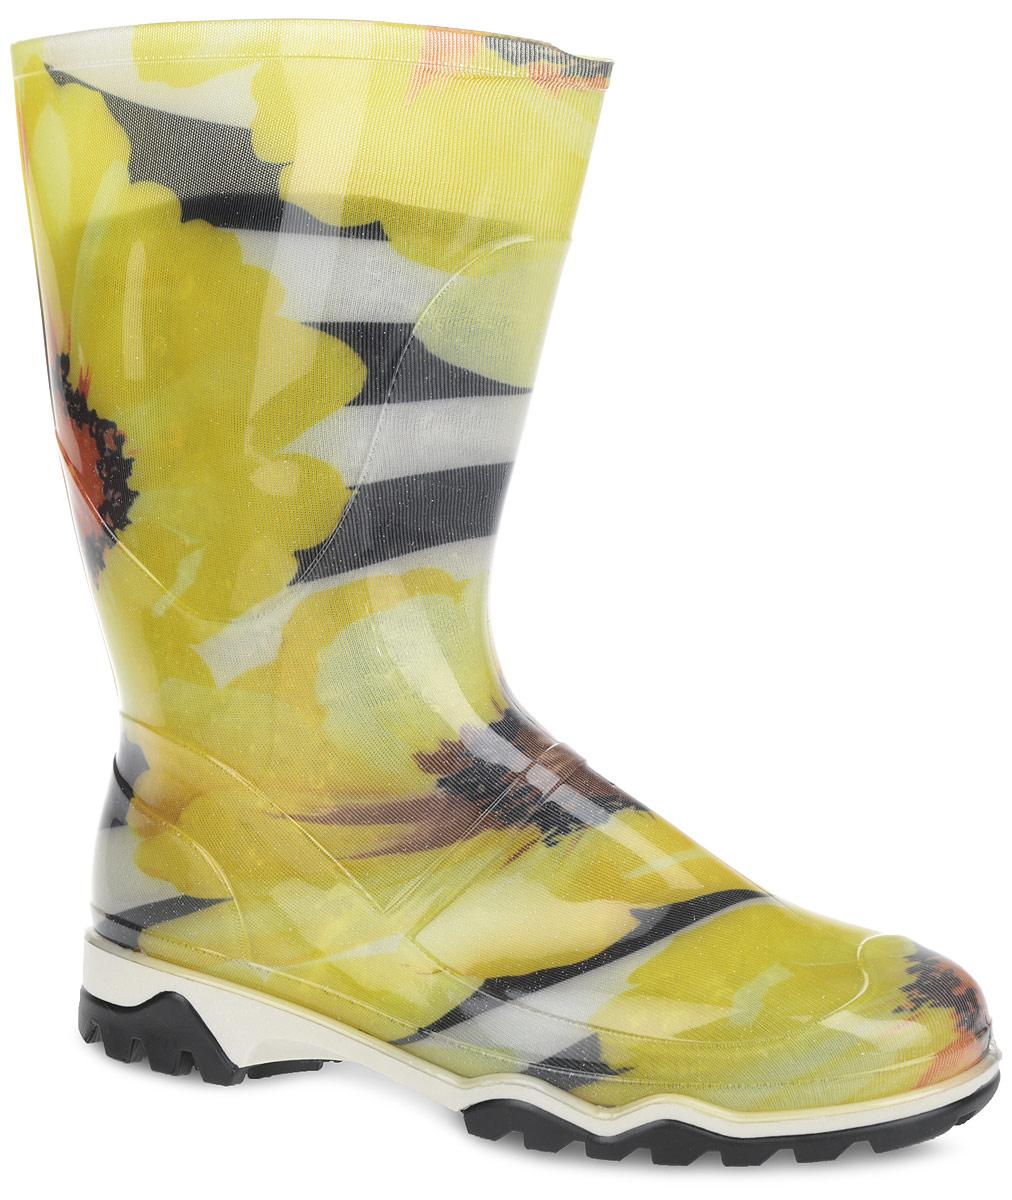 Полусапоги резиновые женские. 340РУ(НТП)340РУ(НТП)Стильные полусапоги от Дюна превосходно защитят ваши ноги от промокания в дождливый день. Модель полностью выполнена из ПВХ, обладающего высокой эластичностью, 100% водонепроницаемостью, амортизационными свойствами и герметичностью, и оформлена ярким цветочным принтом. Тканевая основа внутри полусапог сохраняет форму и предотвращает деформацию голенища. Мягкий вынимающийся сапожок из текстильного материала не даст ногам замерзнуть и обеспечит комфорт. Ширина голенища компенсирует отсутствие застежек. Верхняя часть подошвы оформлена контрастной полоской. Рельефная поверхность подошвы гарантирует отличное сцепление с любой поверхностью. Такие резиновые полусапоги поднимут вам настроение в дождливую погоду!